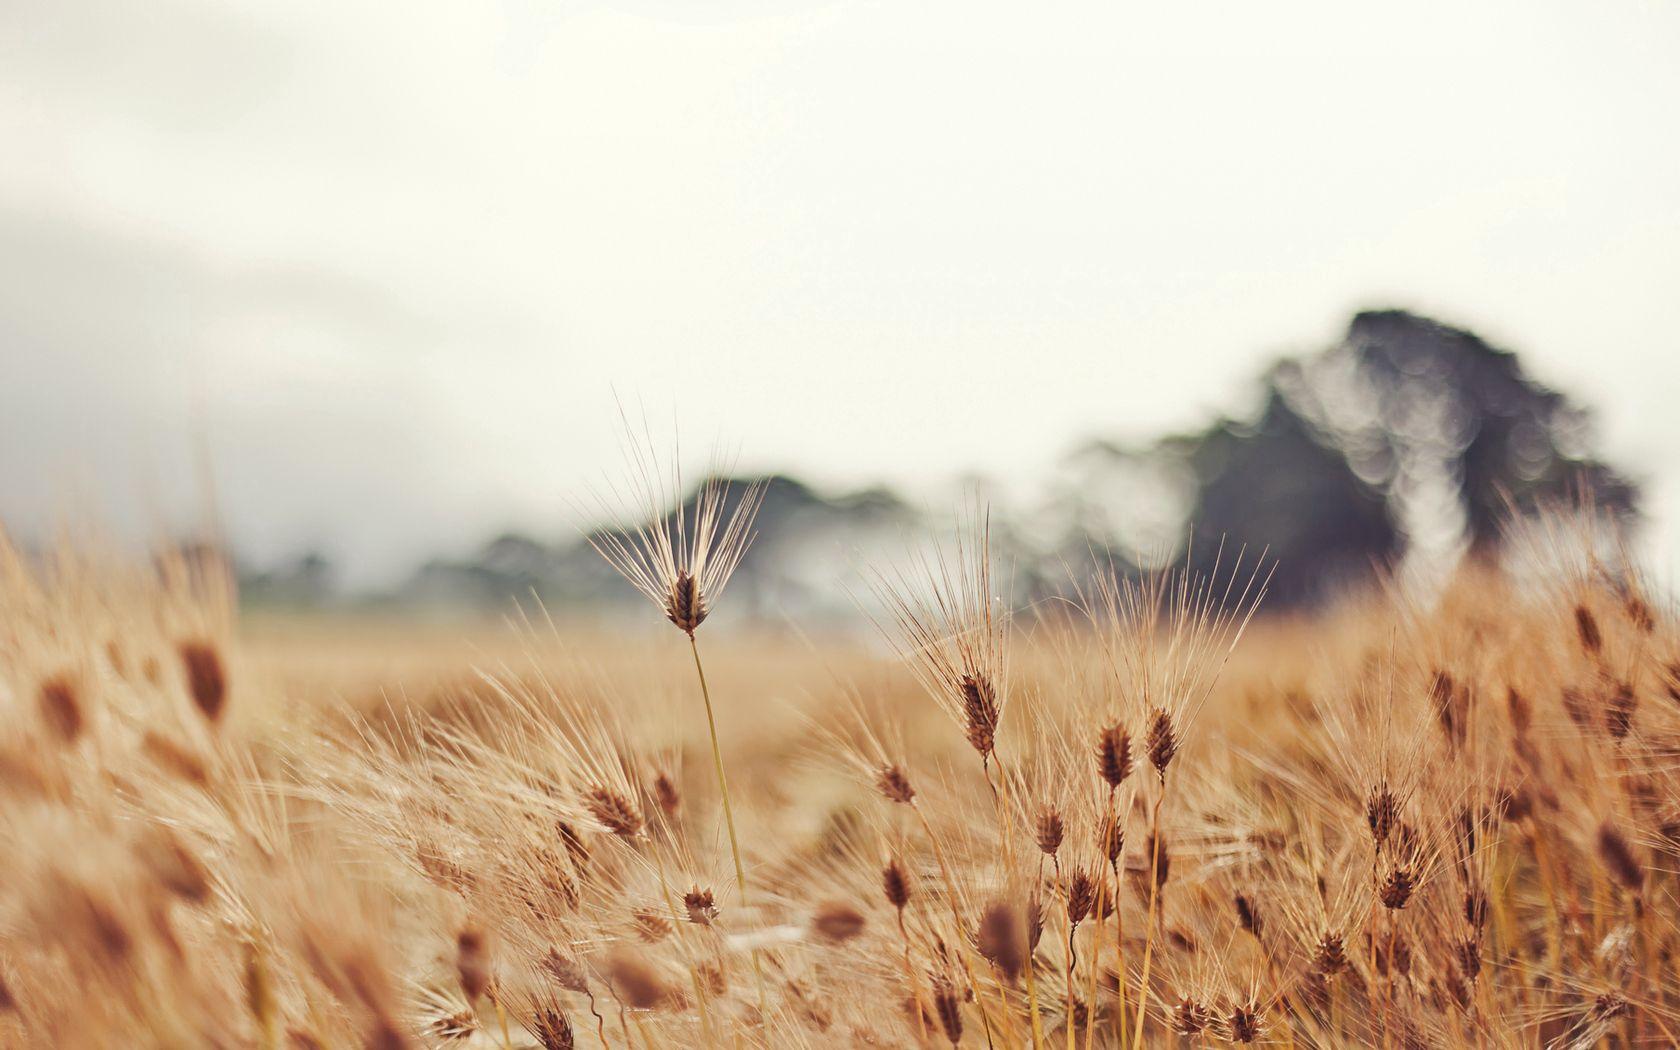 57916 скачать обои Природа, Колосья, Усы, Пасмурно, Размытие, Пшеница - заставки и картинки бесплатно